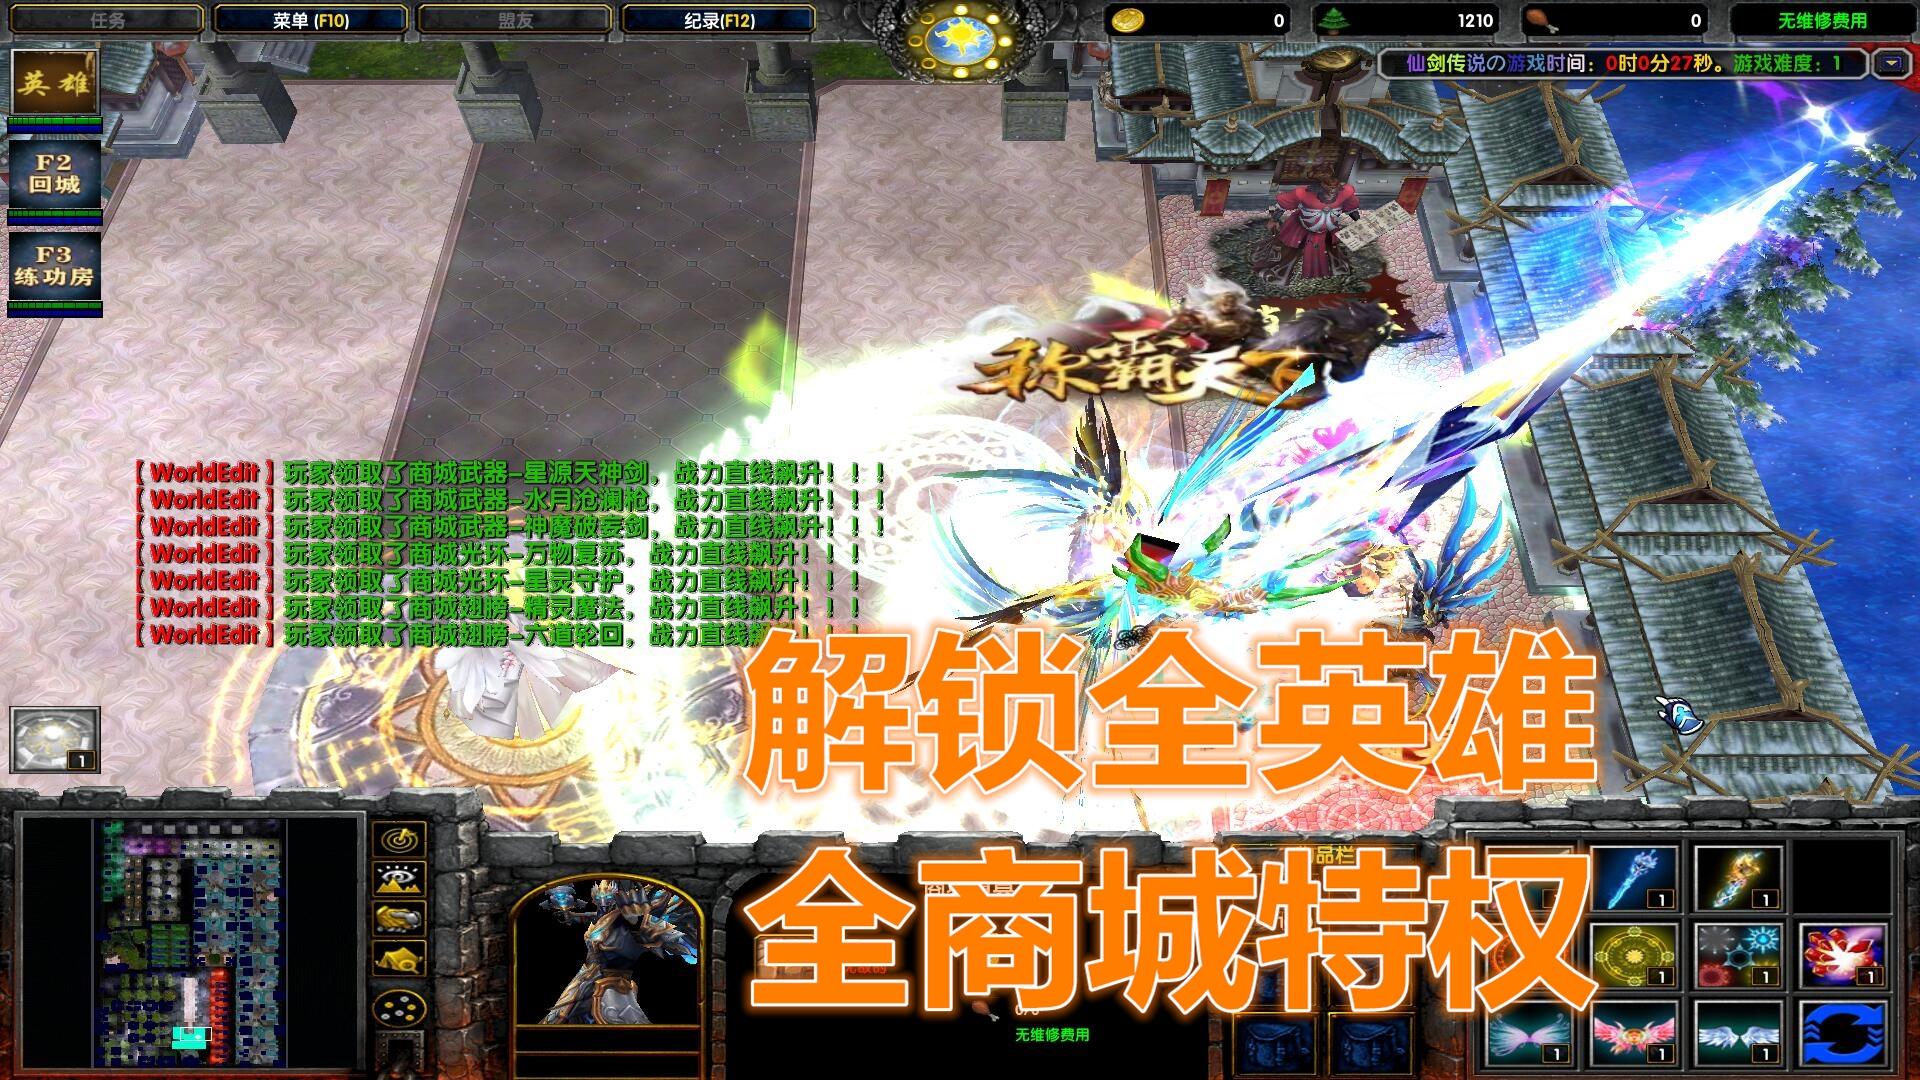 仙剑传说v4.0TOP破解 全定制英雄+全商城特权+十阶摄魂珠+秒速复活+刷物品无CD